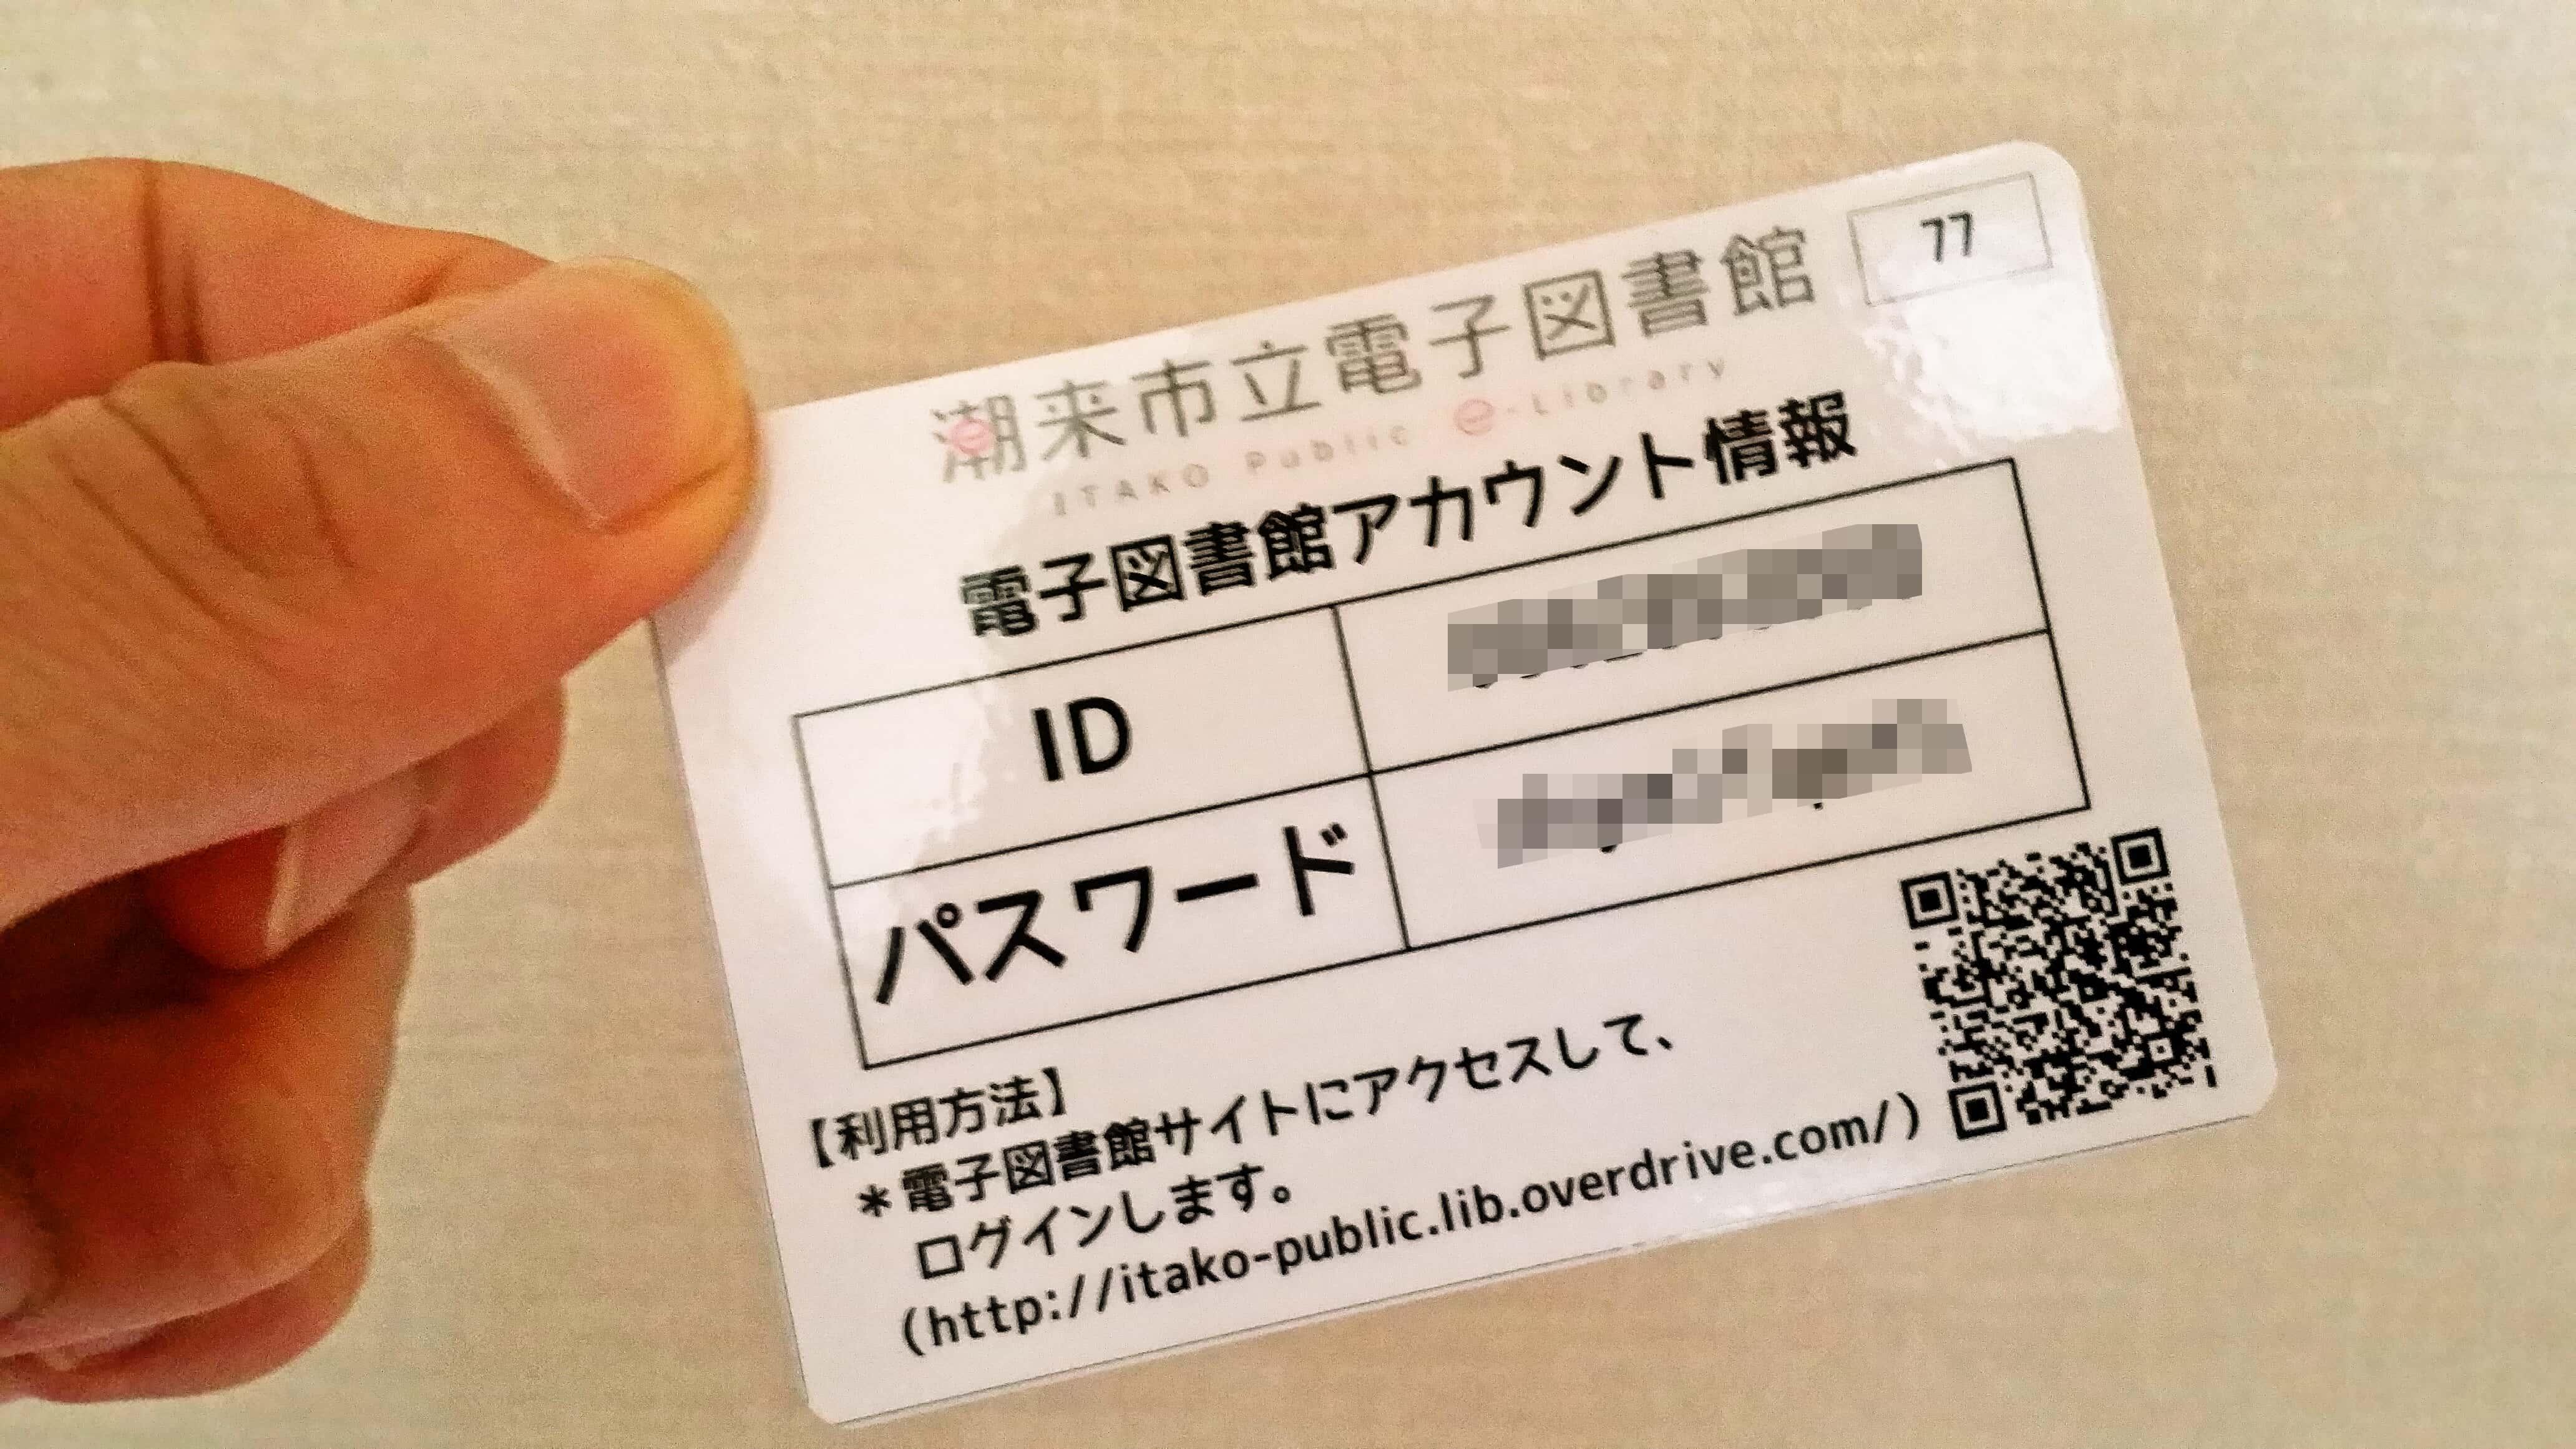 潮来市電子図書館_アカウント情報カード